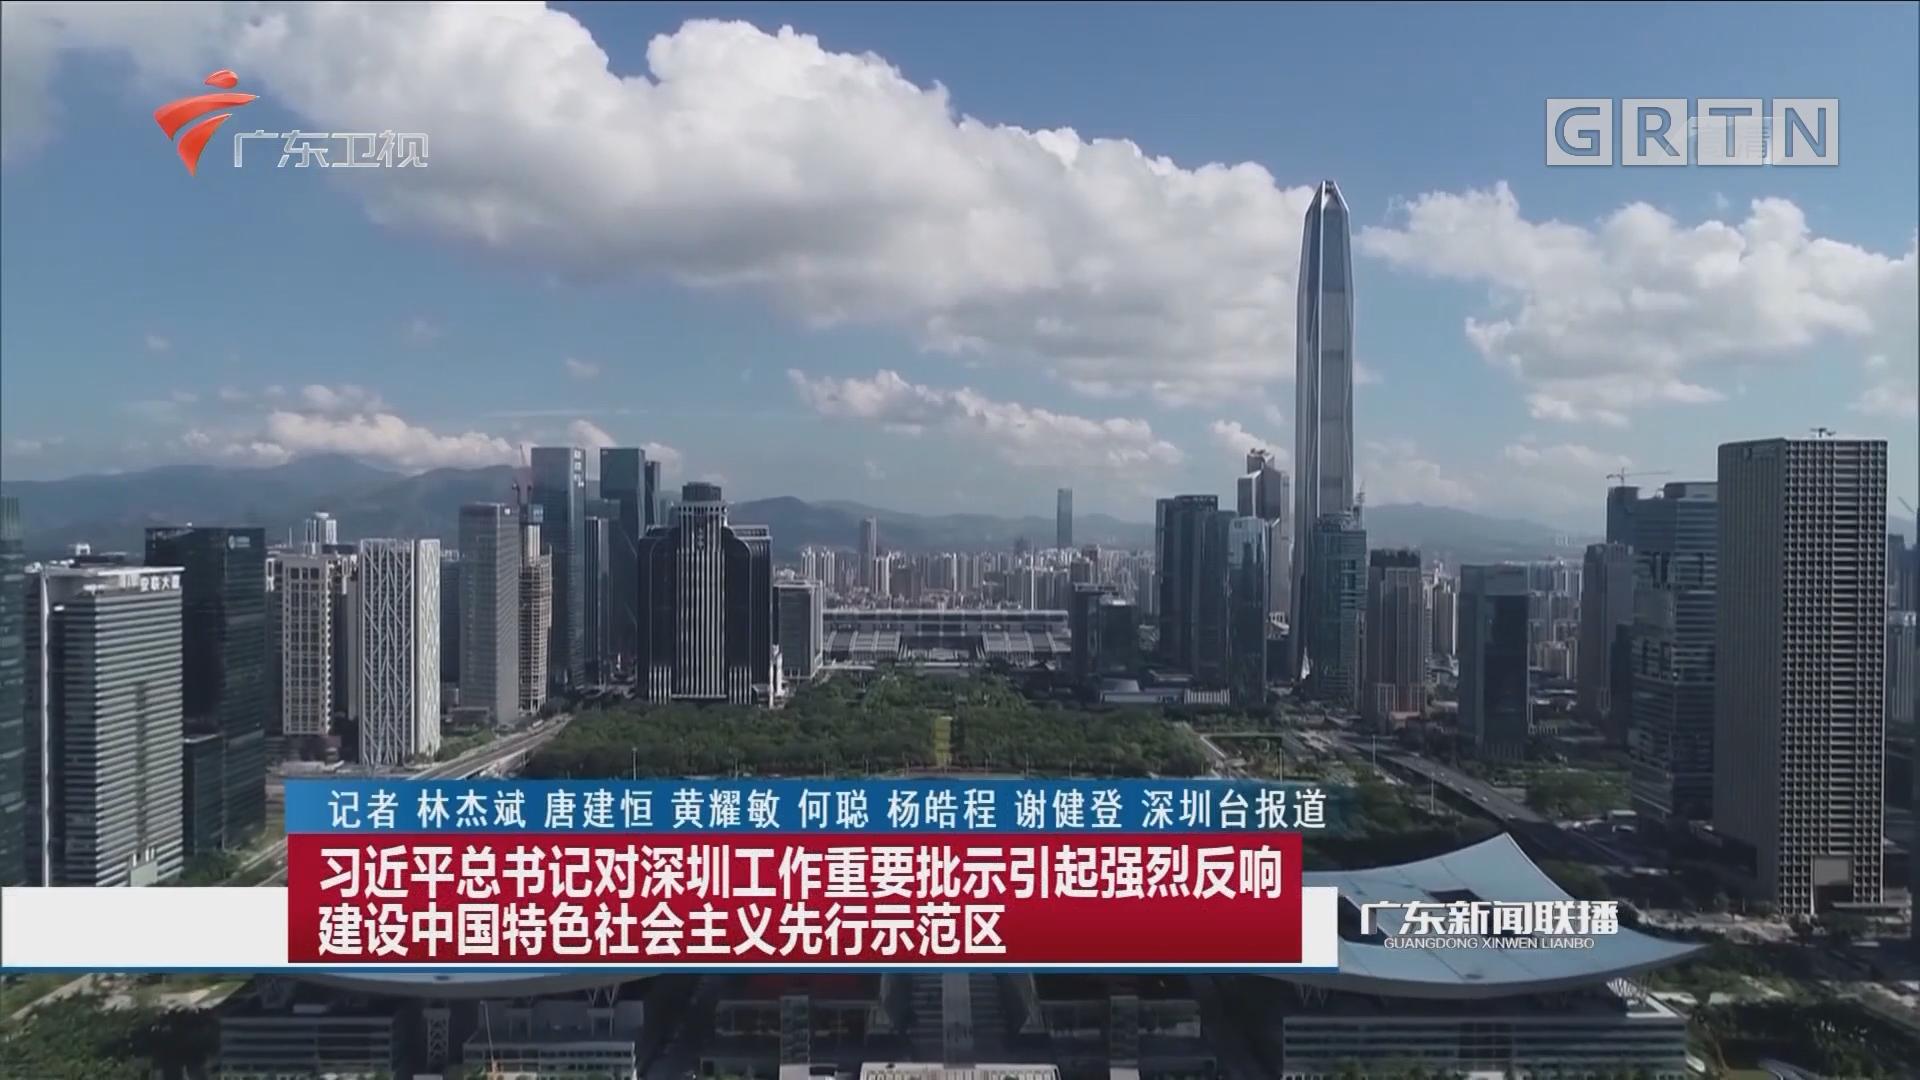 习近平总书记对深圳工作重要批示引起强烈反响 建设中国特色社会主义先行示范区